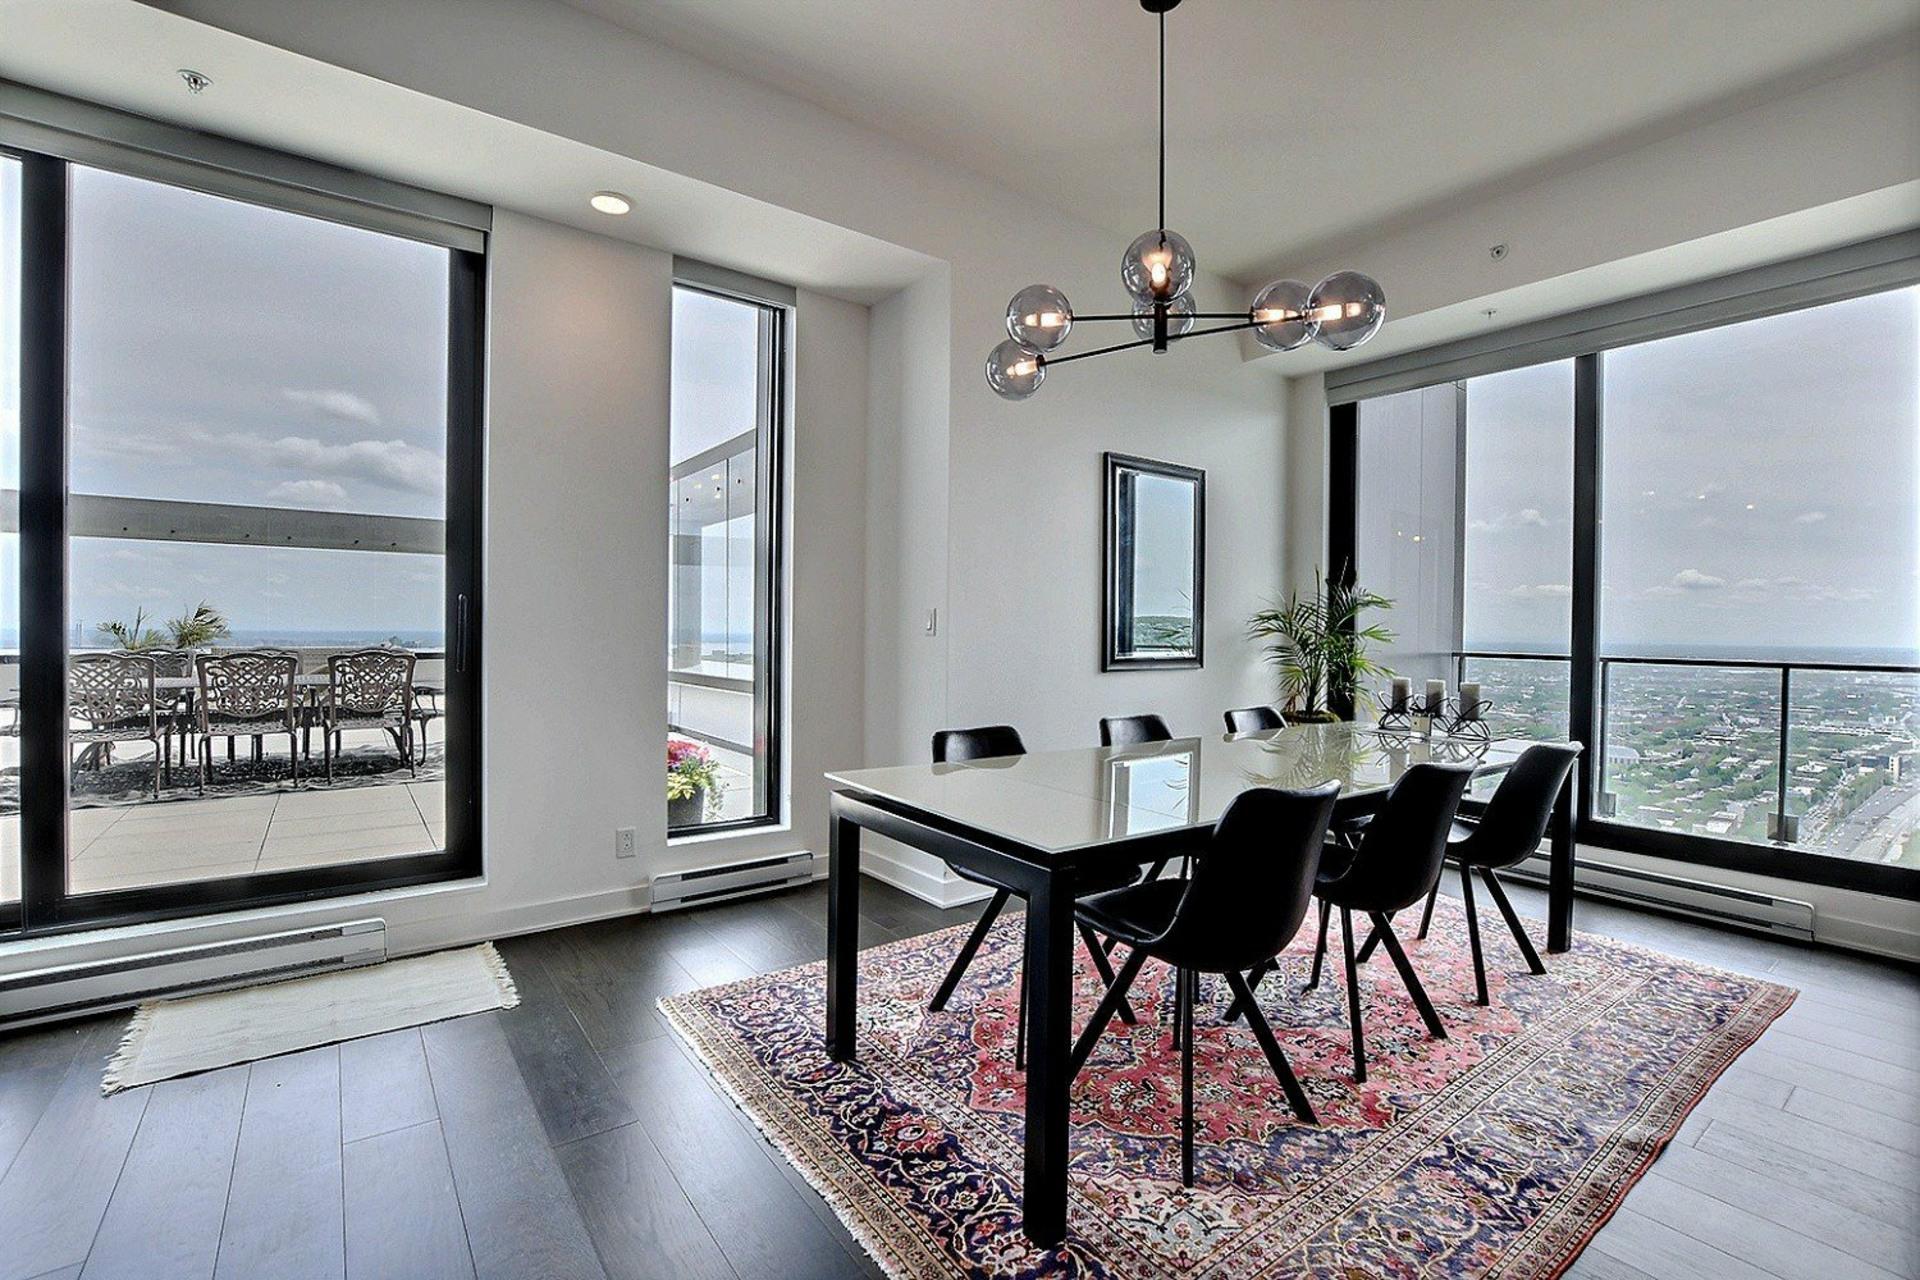 image 1 - Appartement À louer Ville-Marie Montréal  - 7 pièces